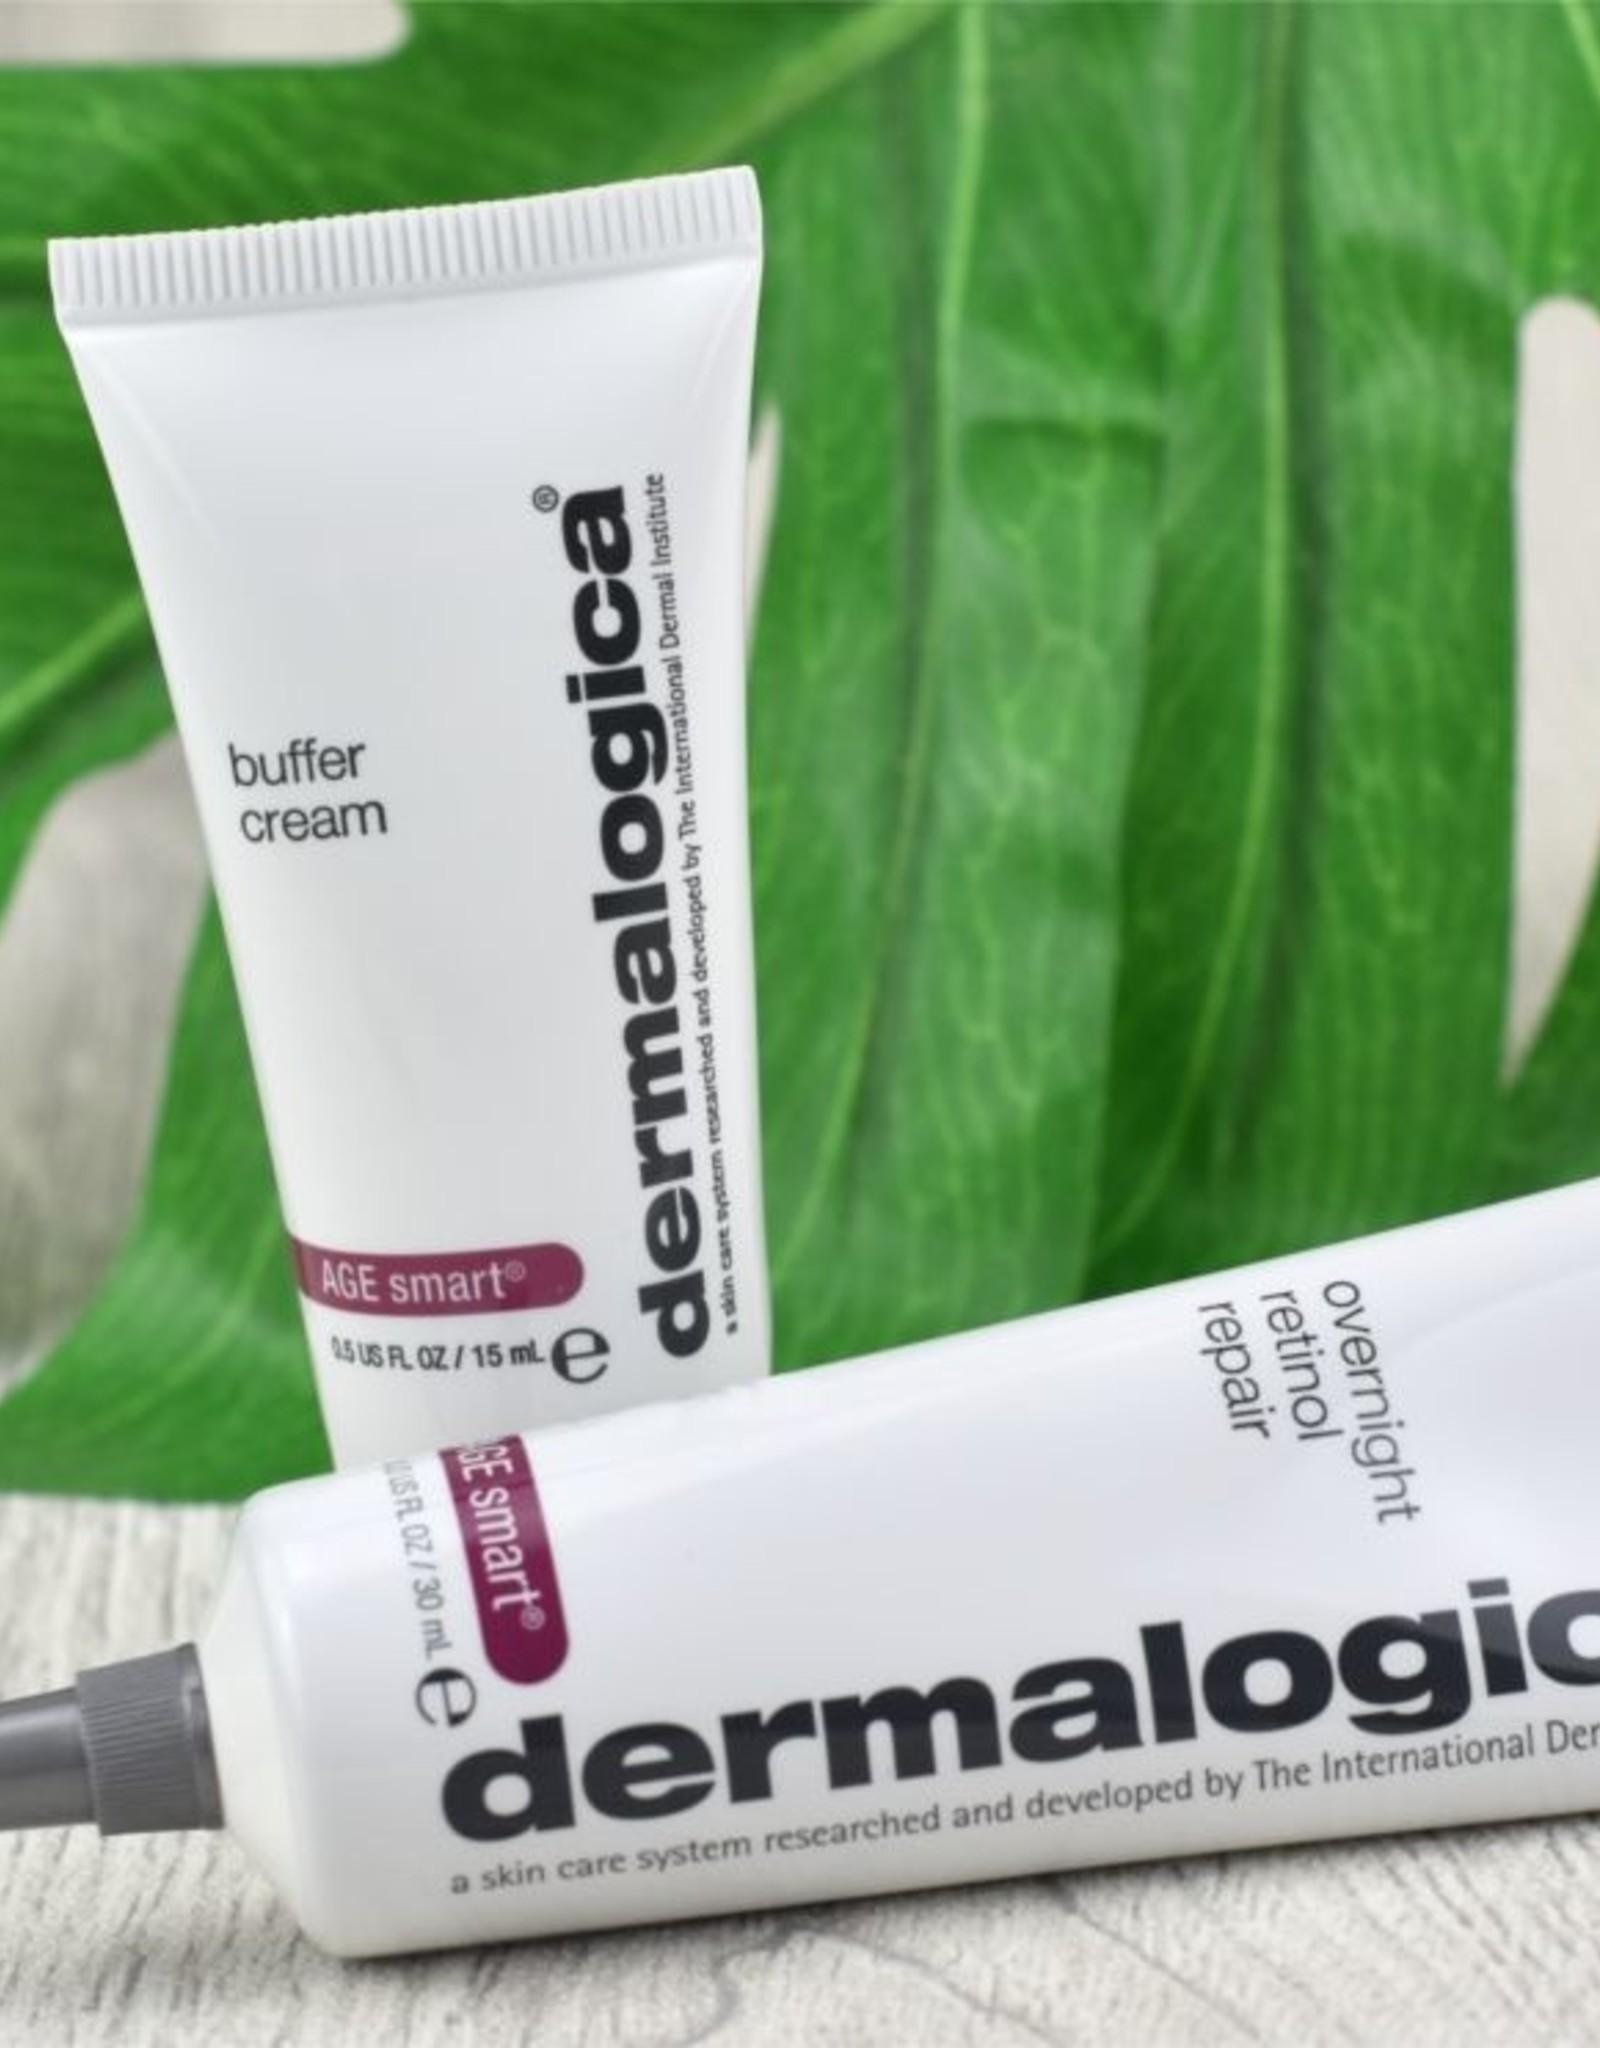 Dermalogica Overnight Retinol Repair 0,5% 30ml - Dermalogica